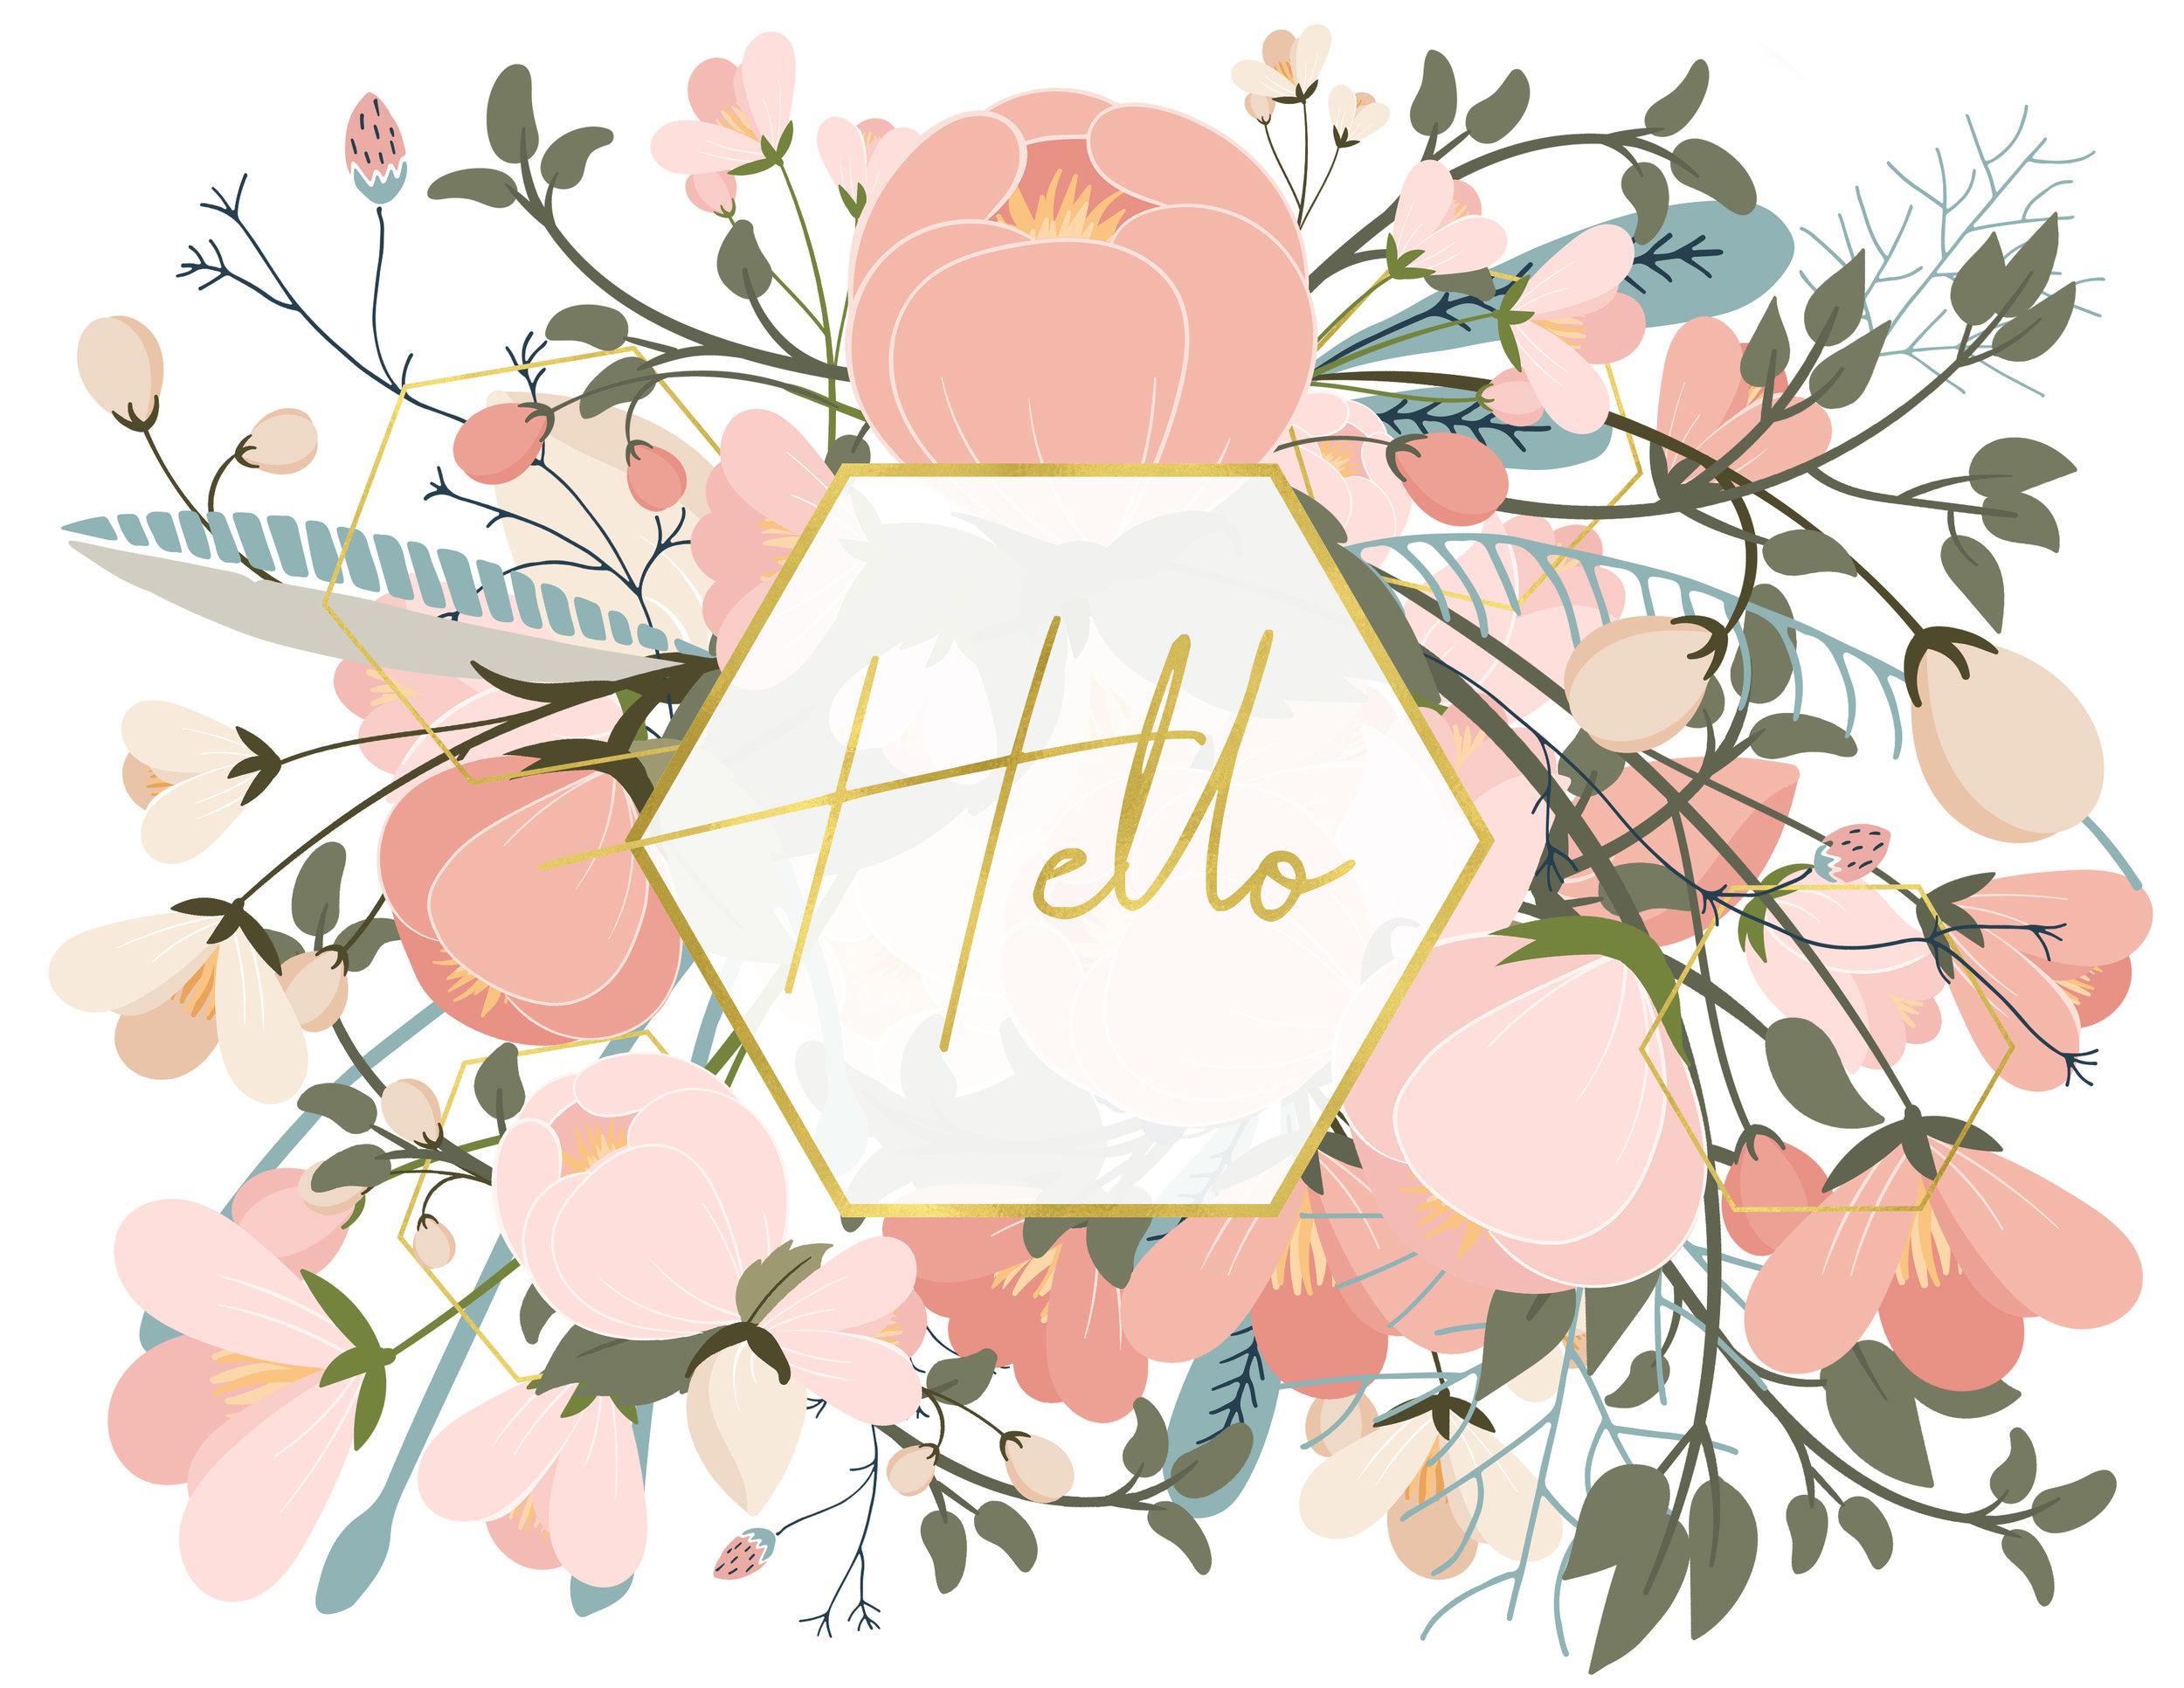 websiteflowers.jpg